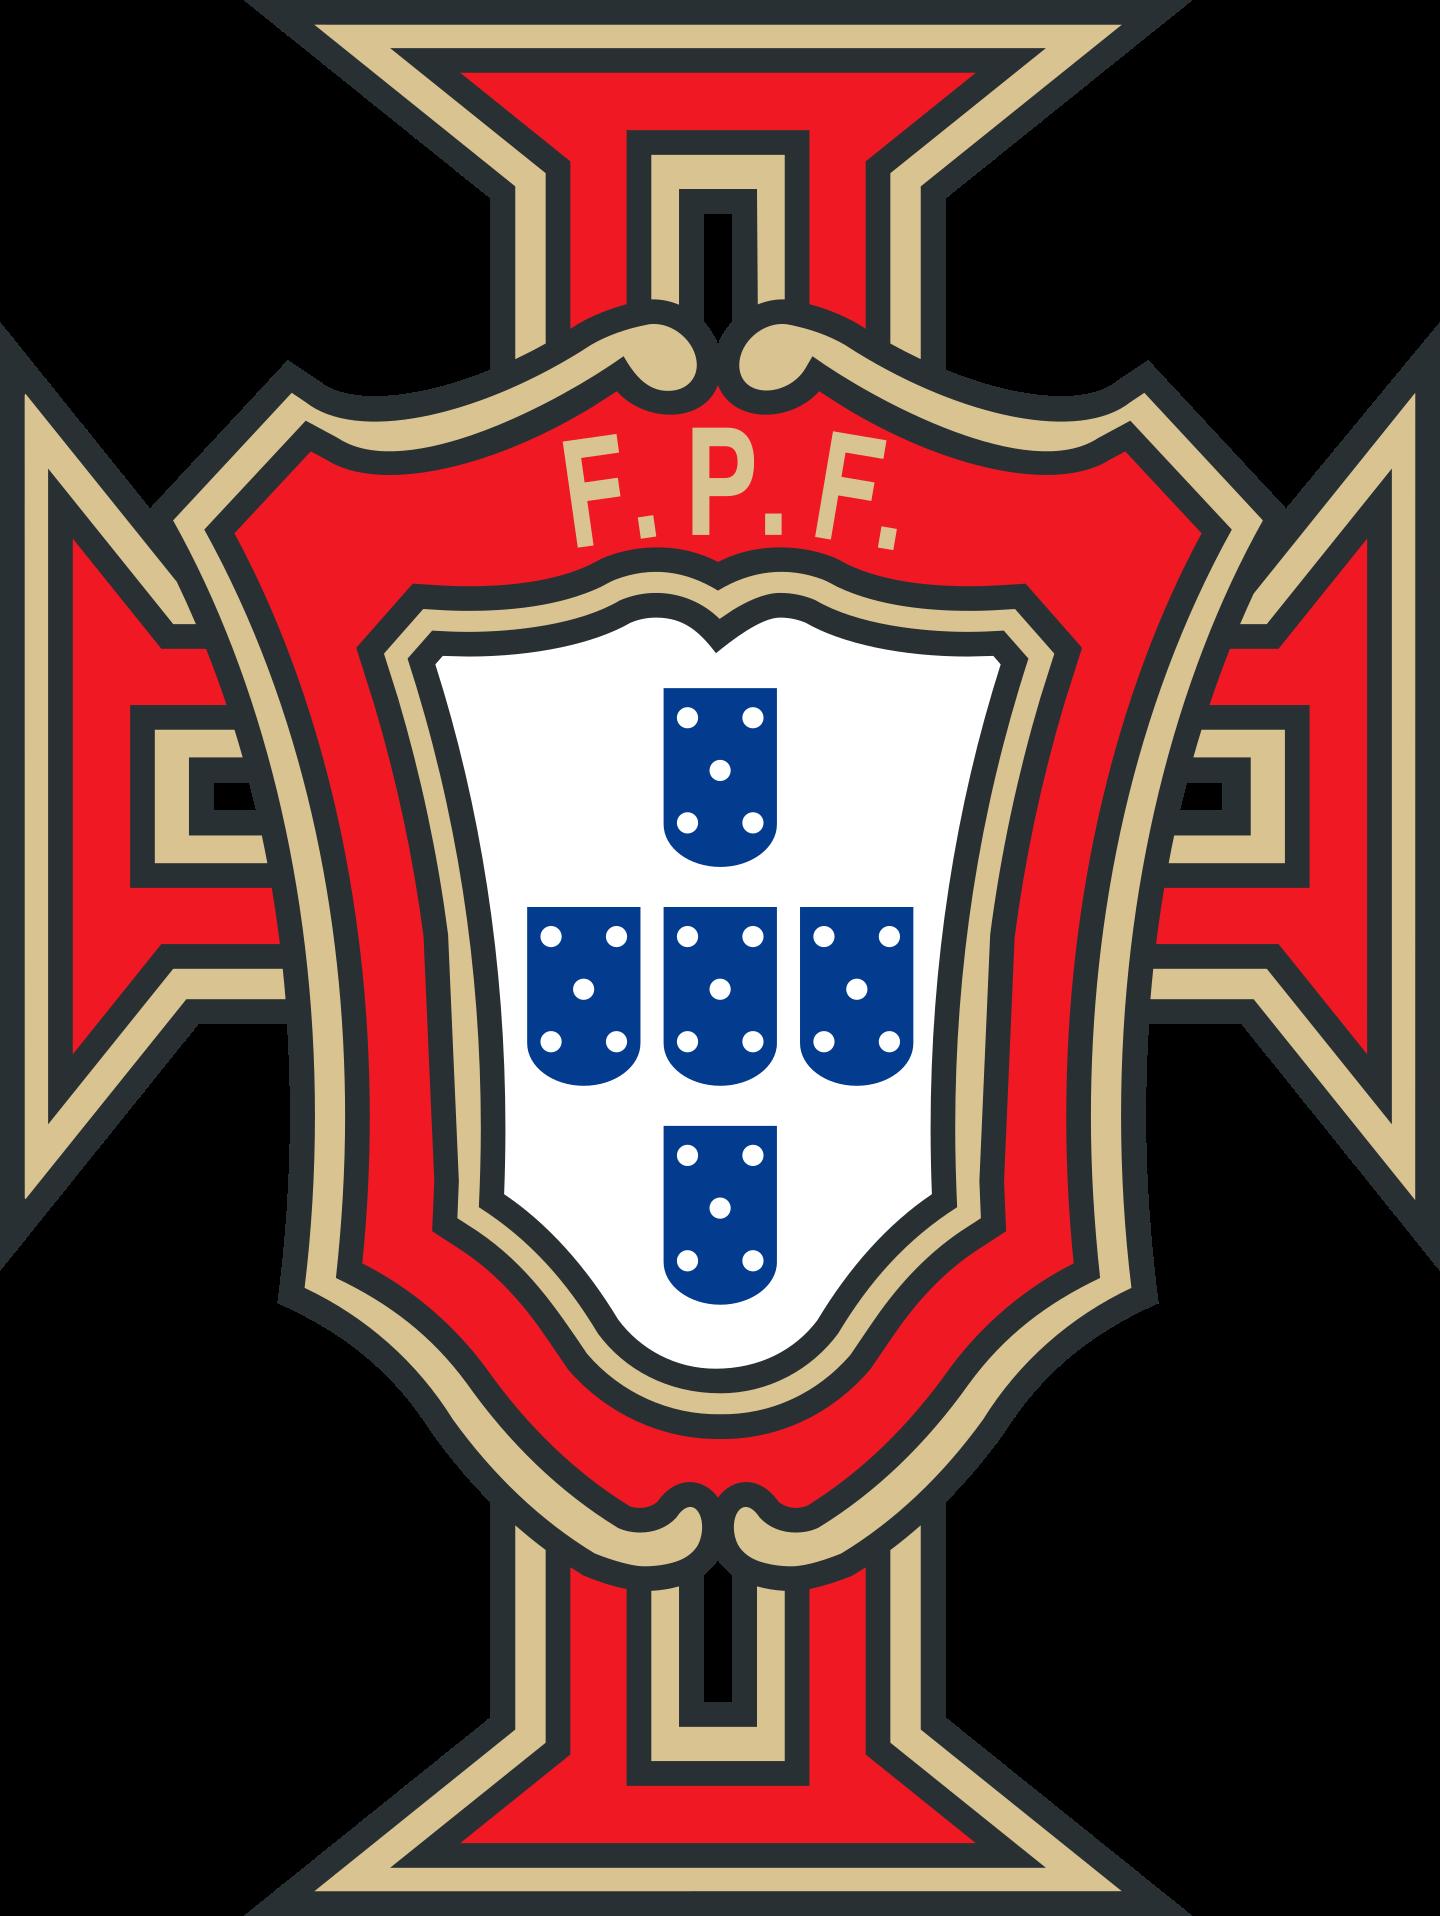 fpf selecao de portugal logo 2 - FPF - Selección de fútbol de Portugal Logo